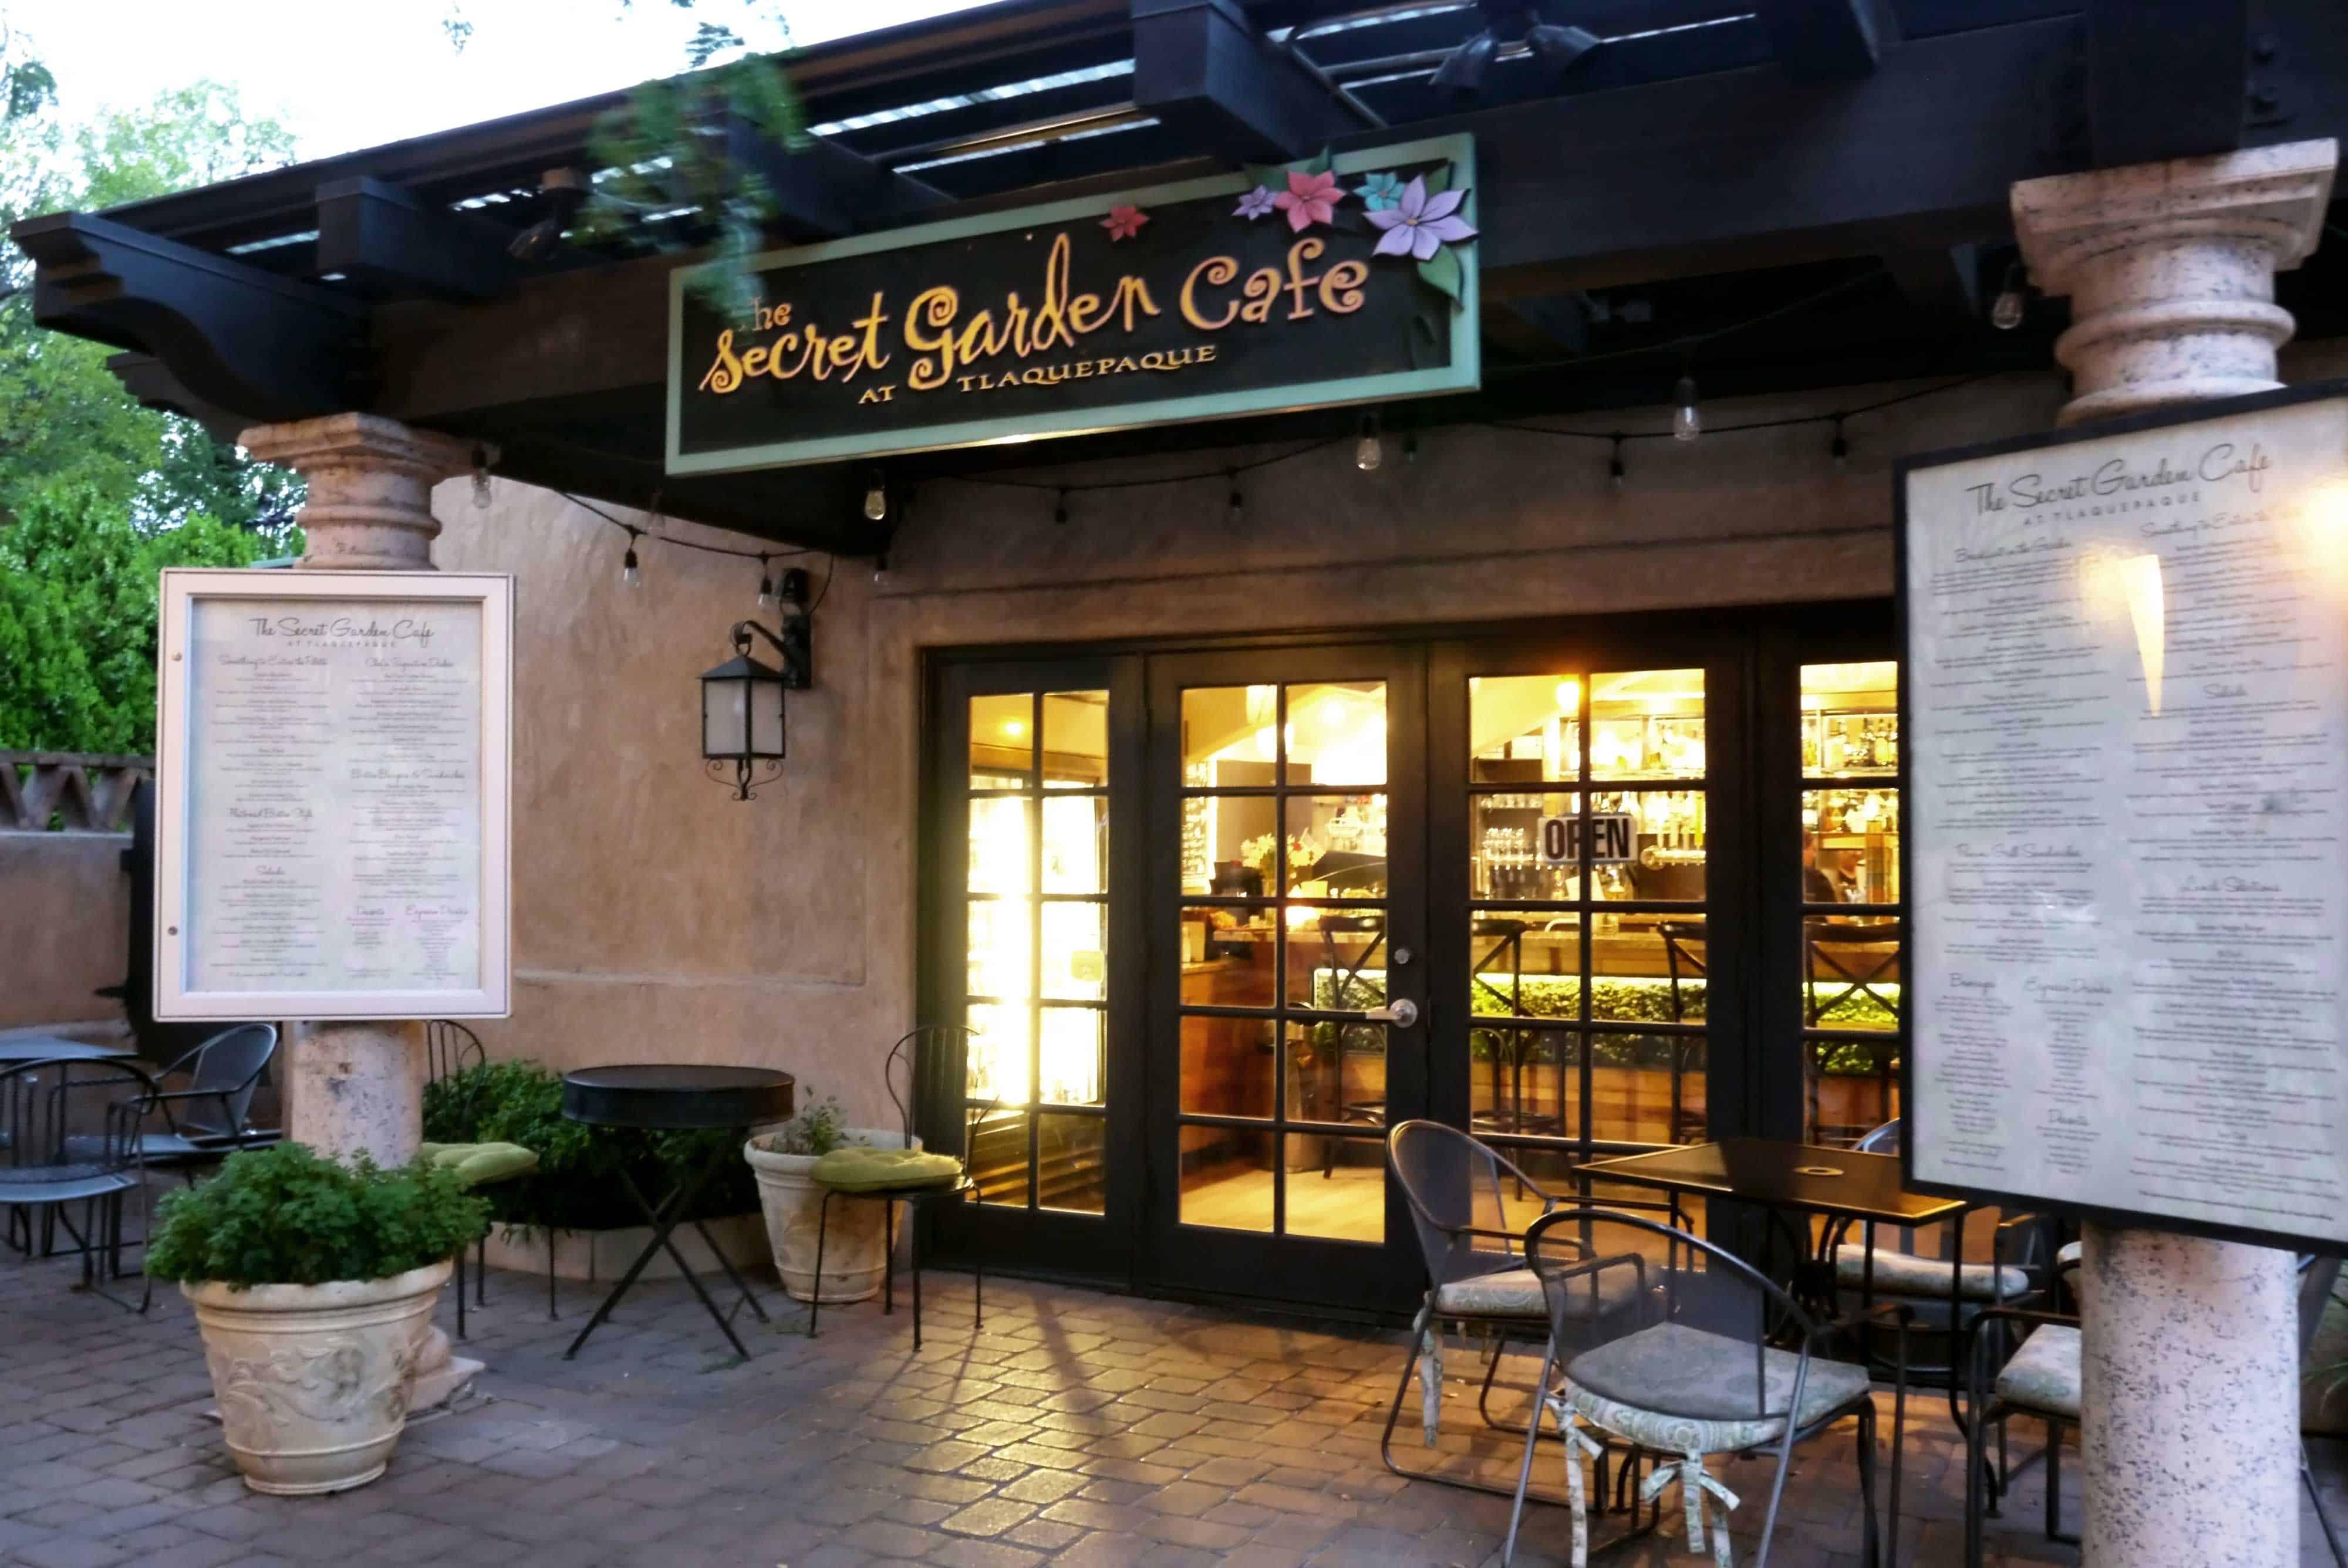 Secret Garden Cafe in Sedona Arizona